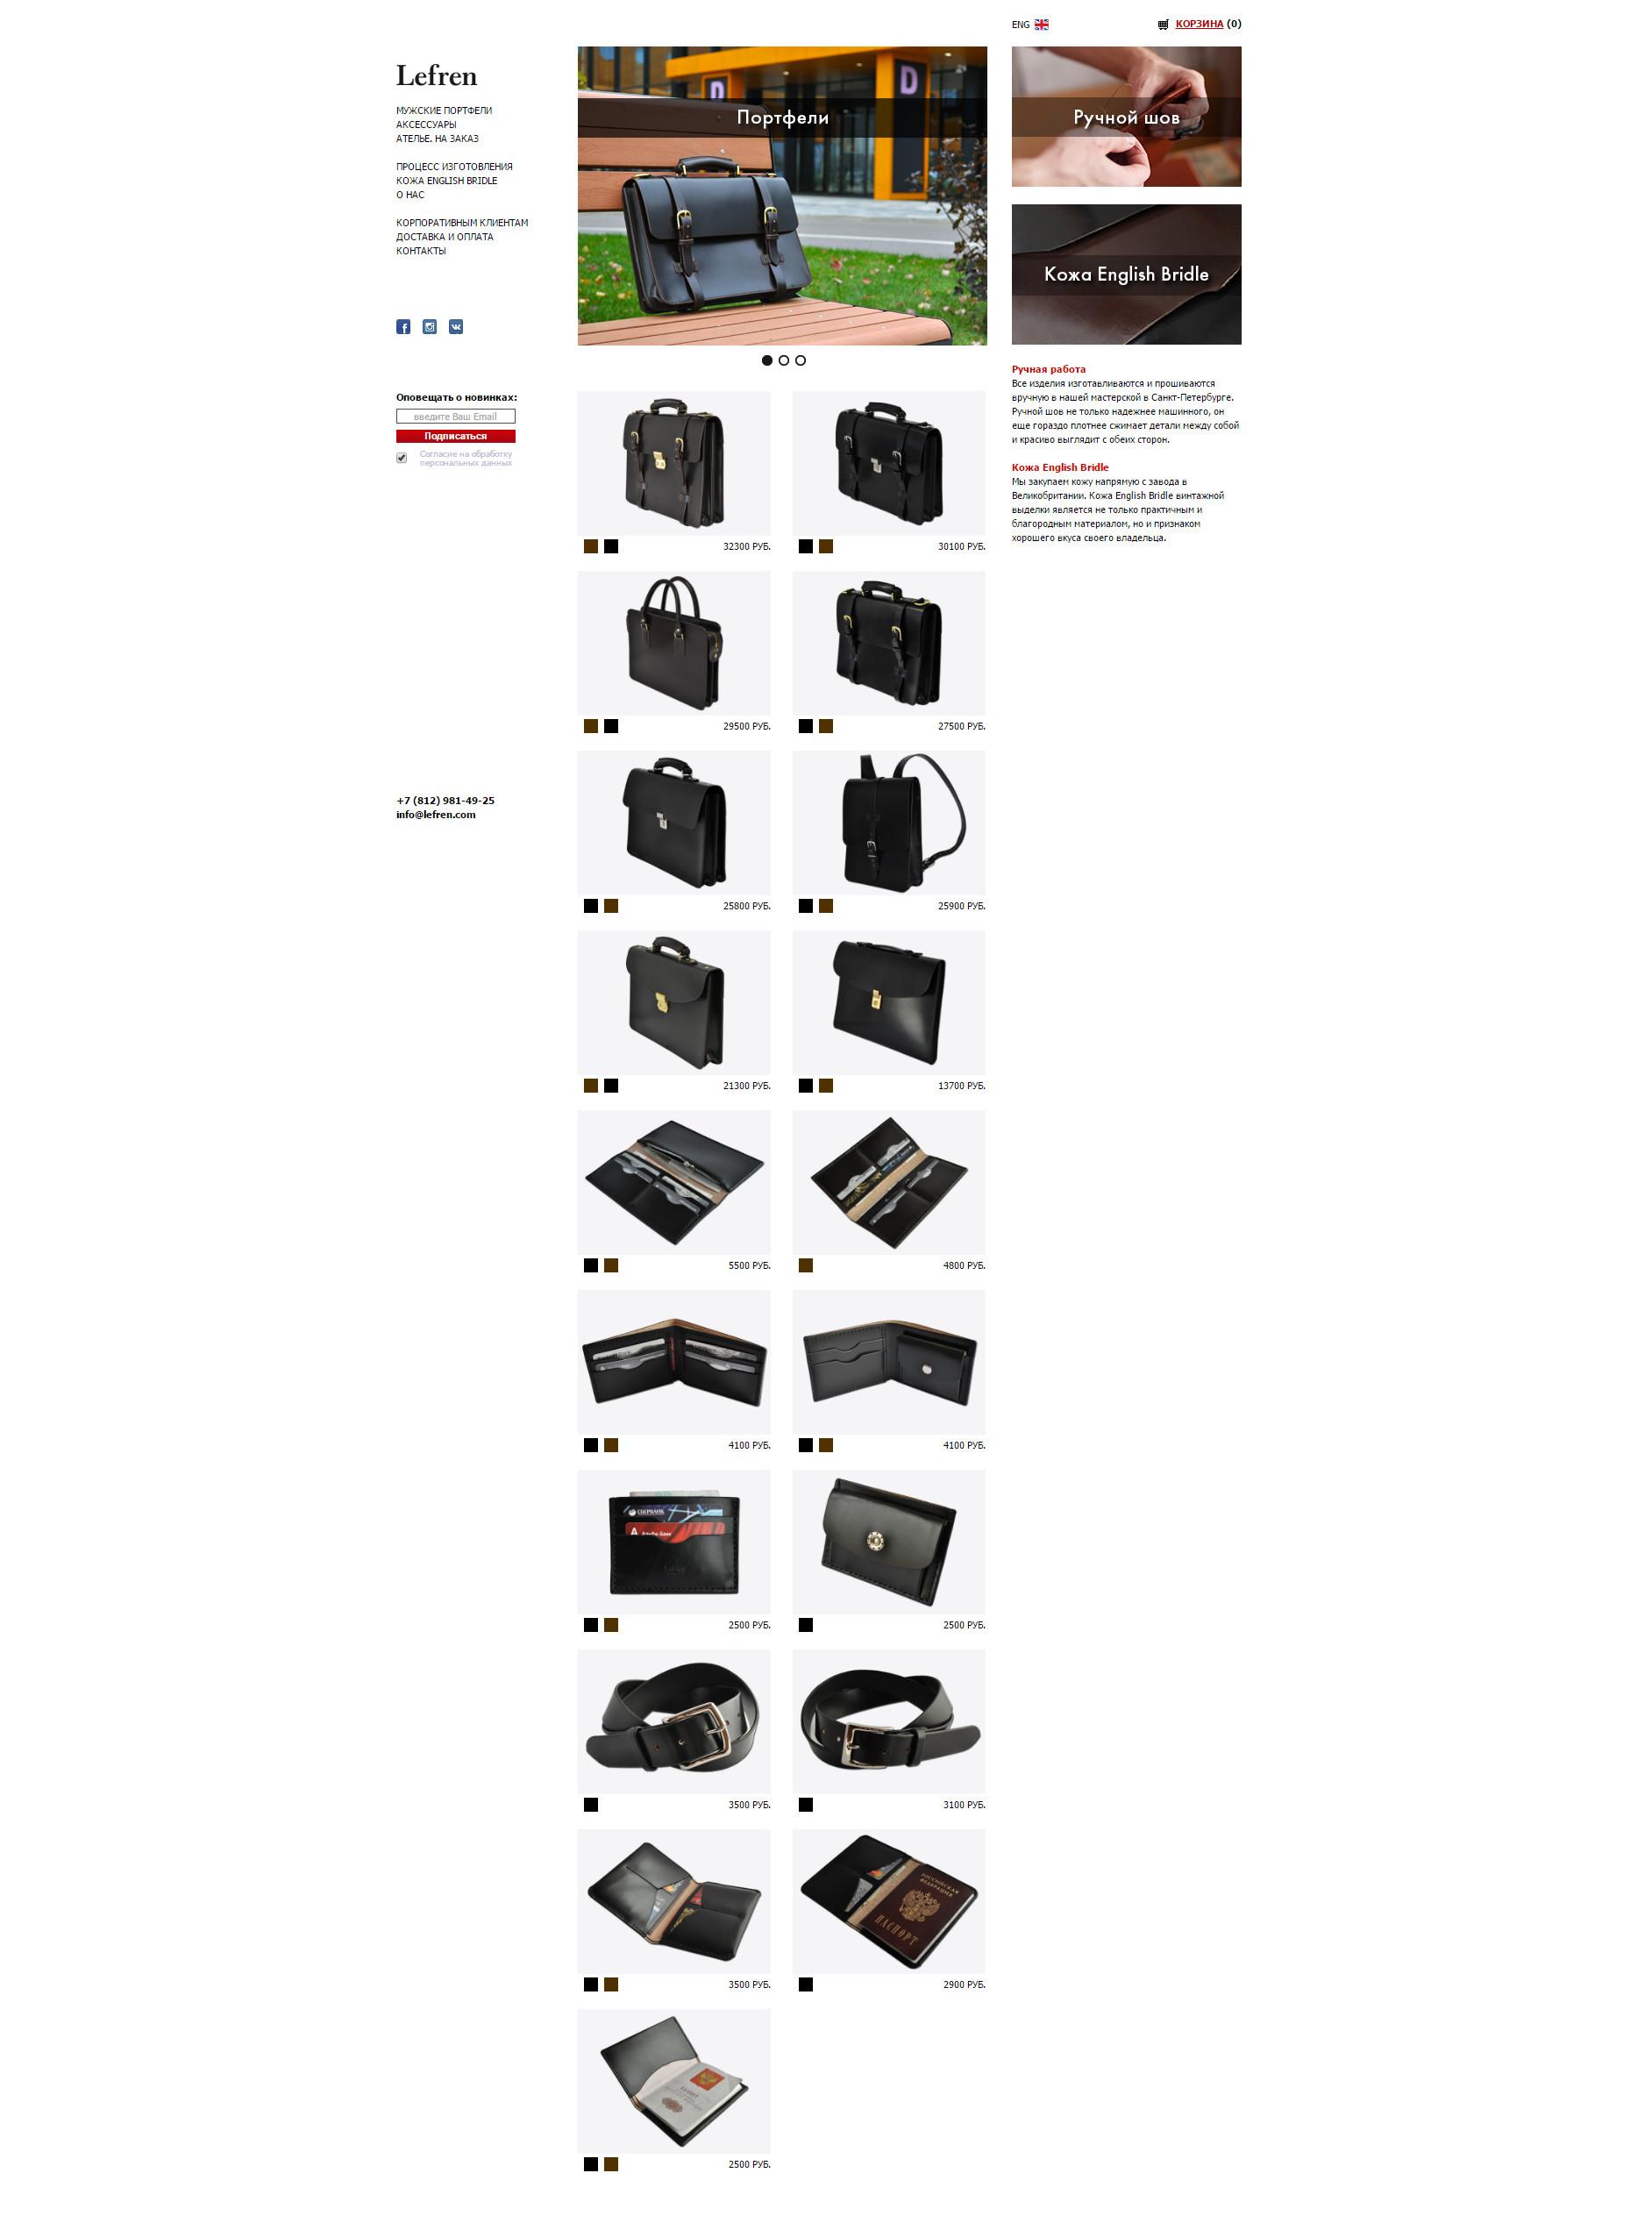 Lefren - интернет магазин портфелей и аксессуаров ручной работы из кожи Bridle